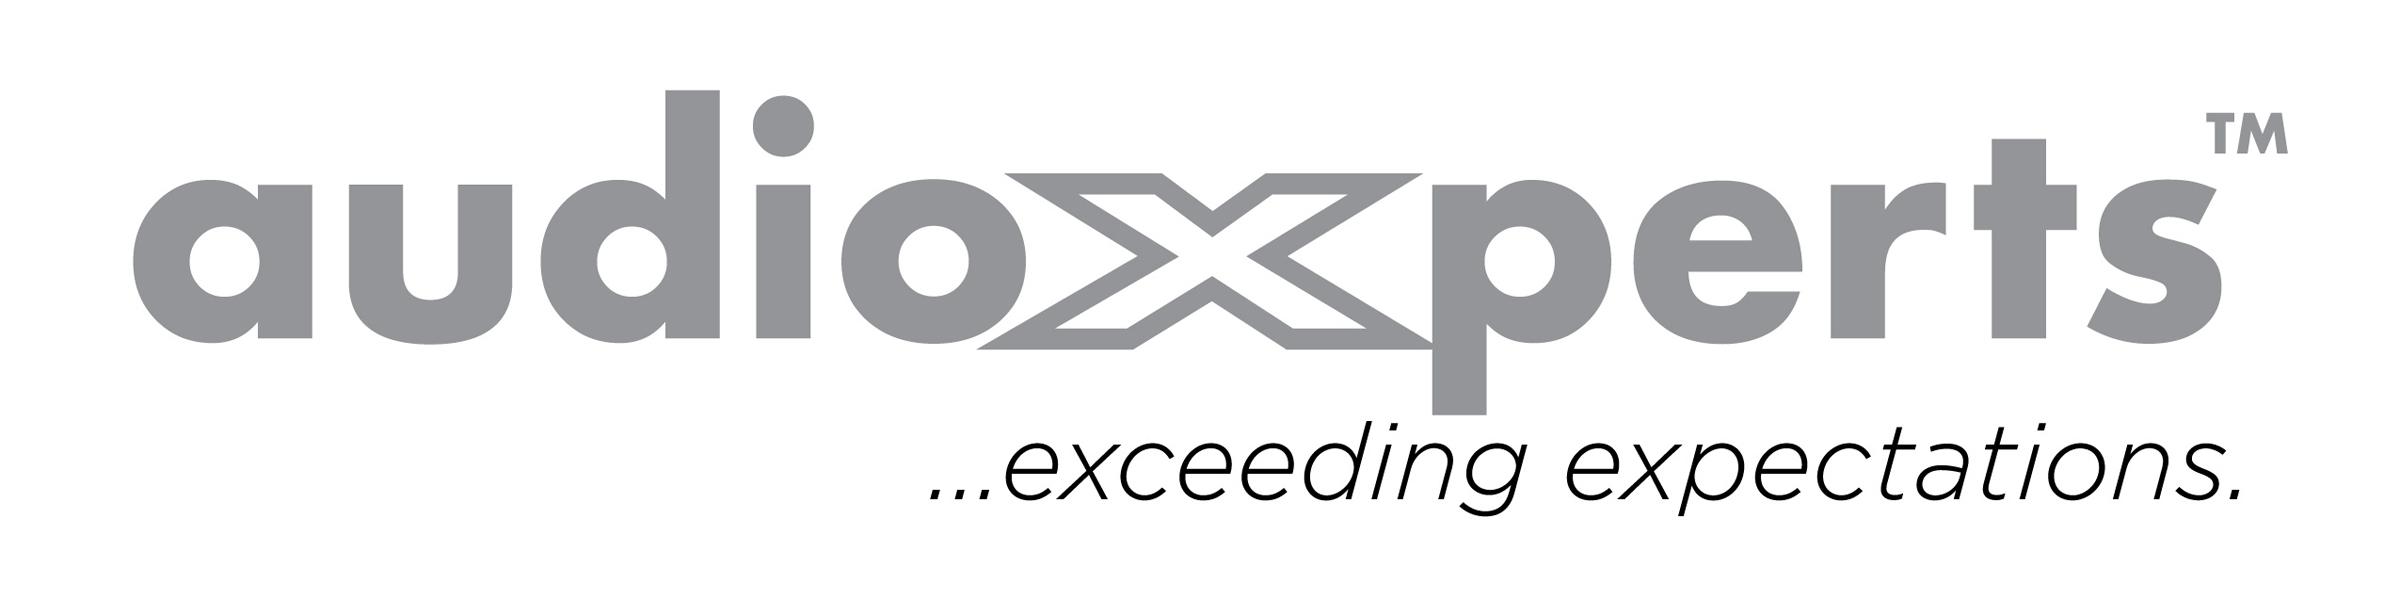 AudioXperts